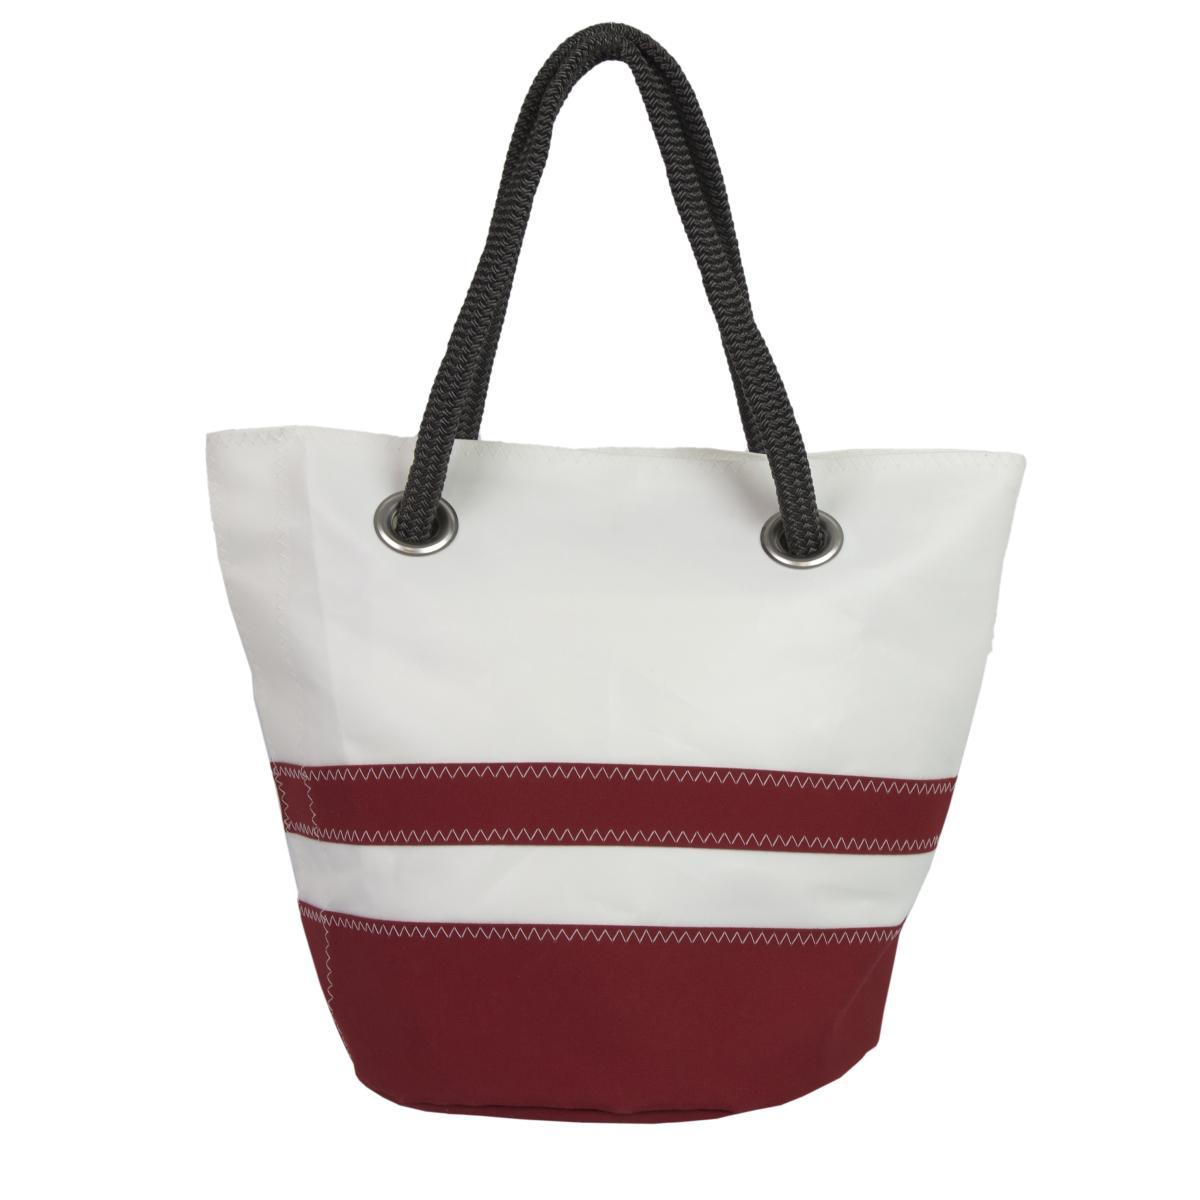 Sandy Tasche Dacron natur mit roten Streifen Rückseite